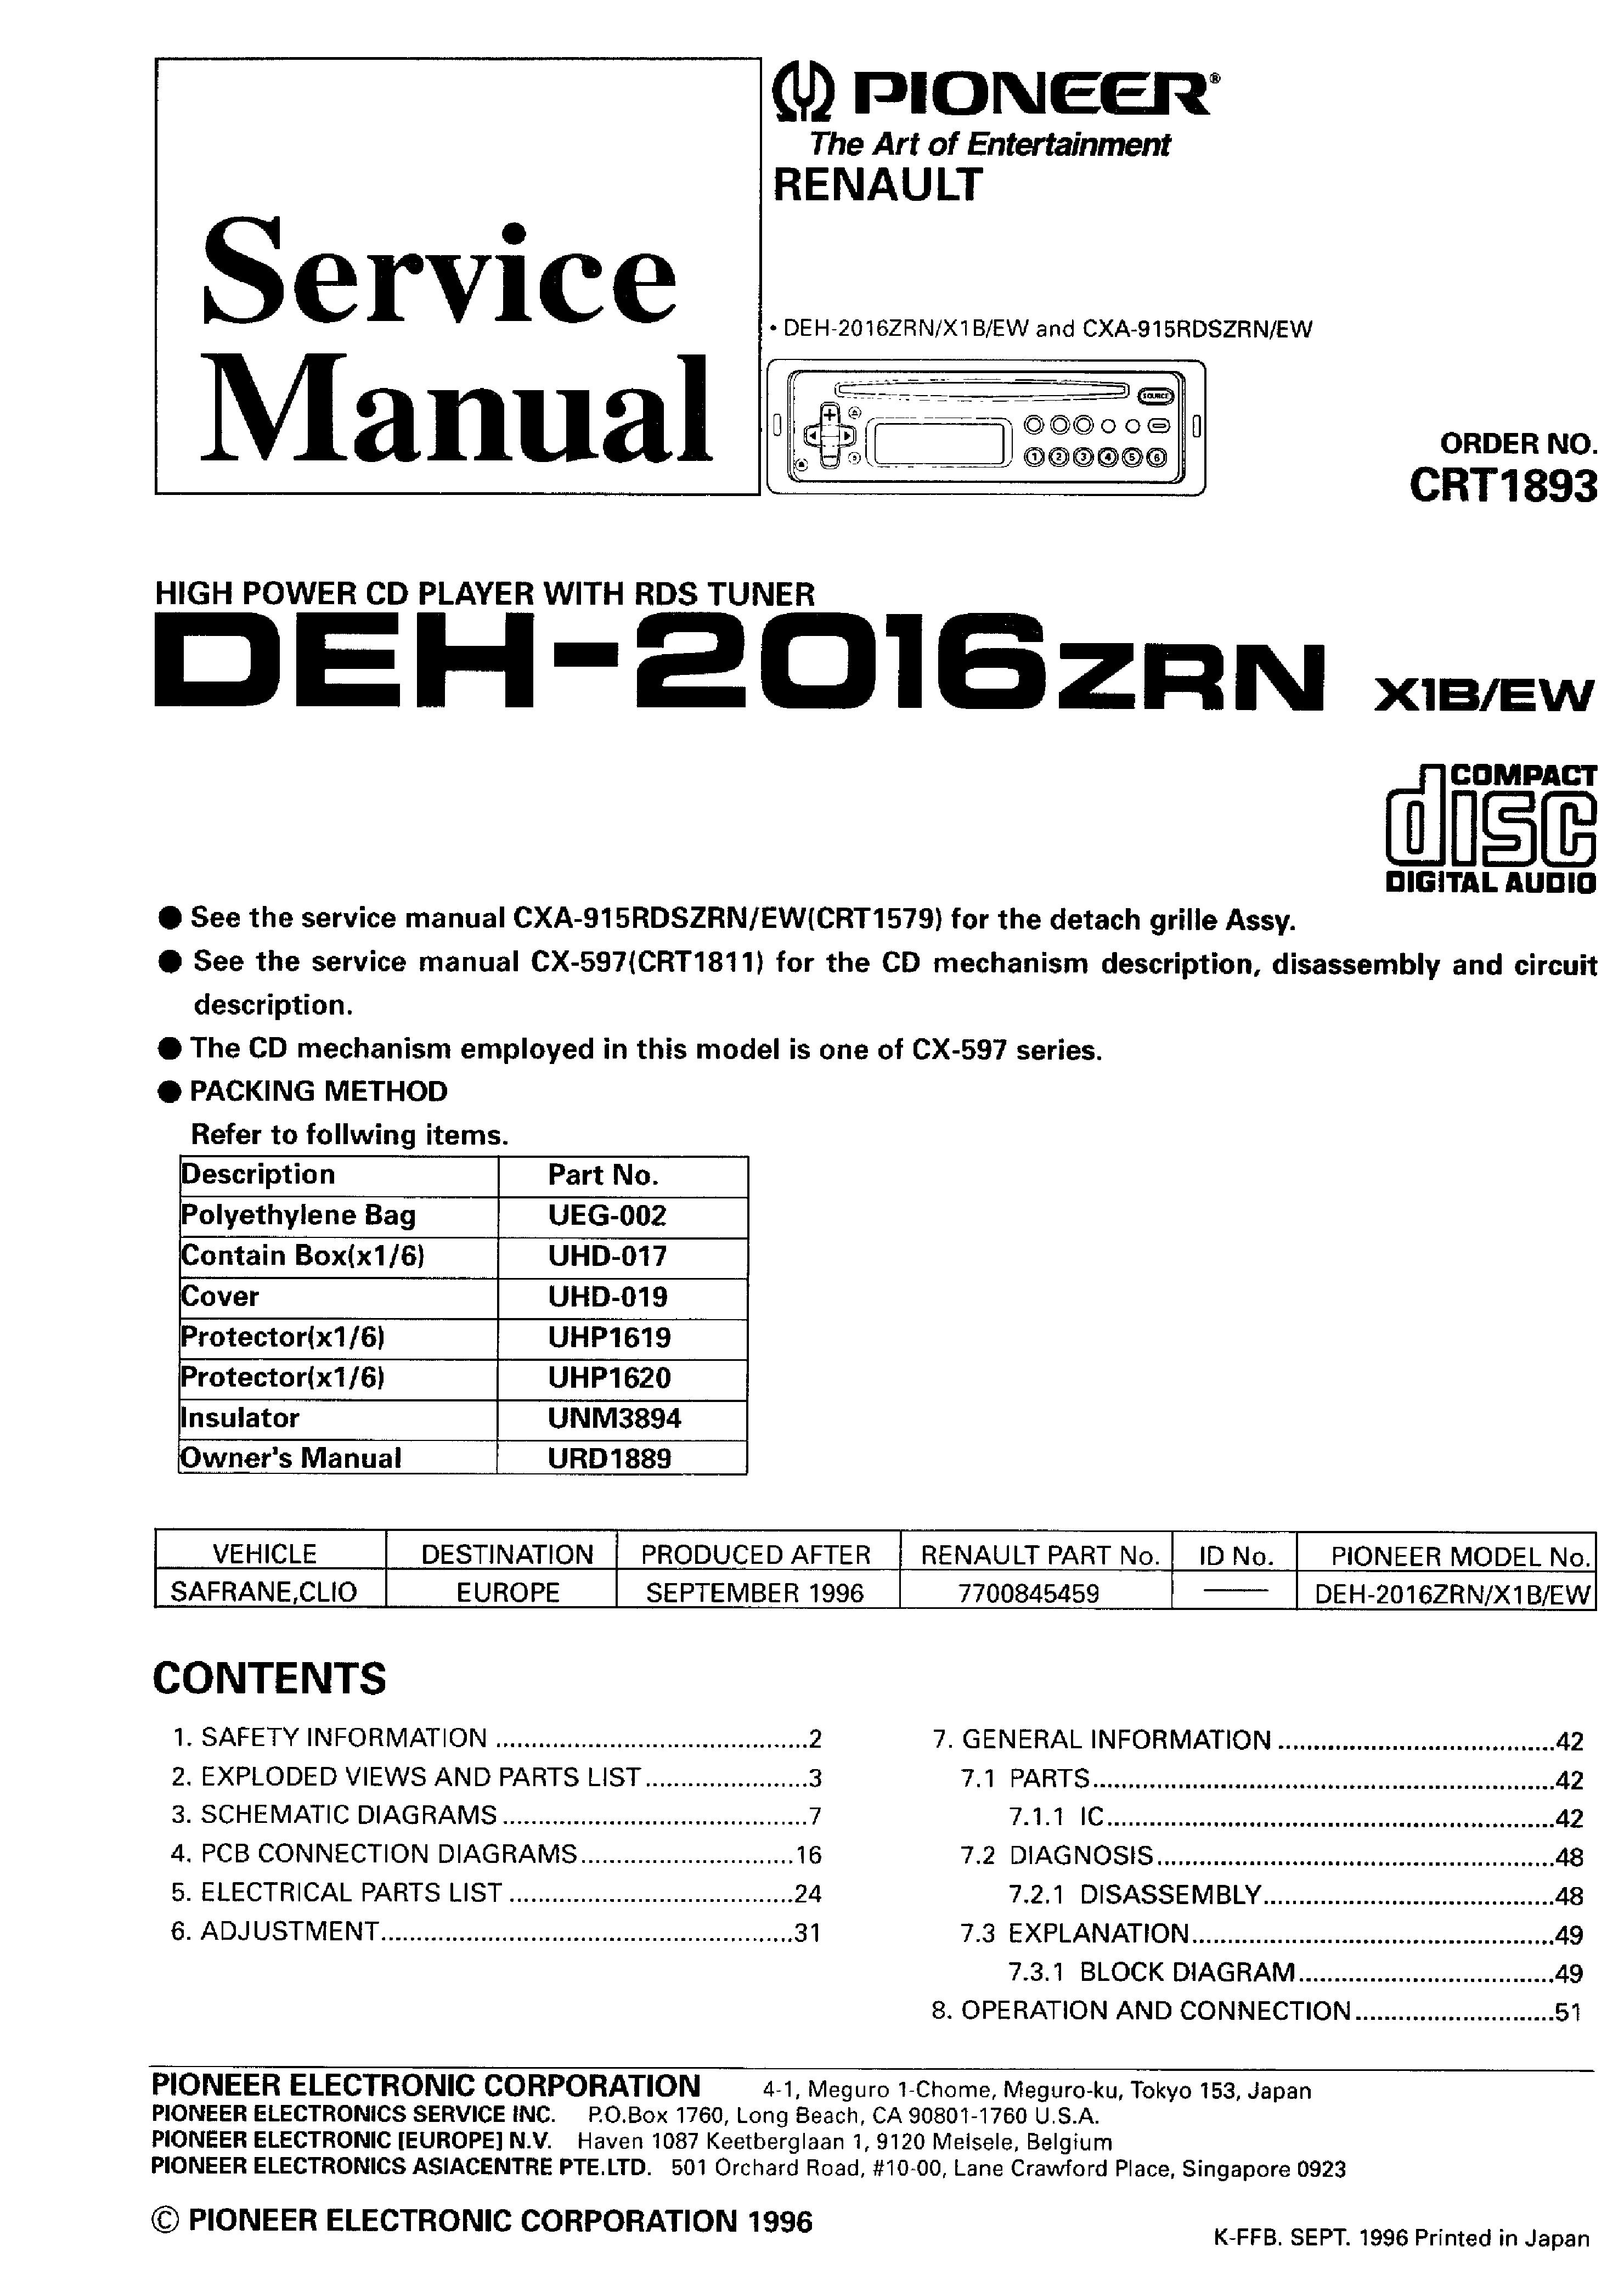 Сервис-мануал для авто электроники Other PIONEER DEH-2016zrn.